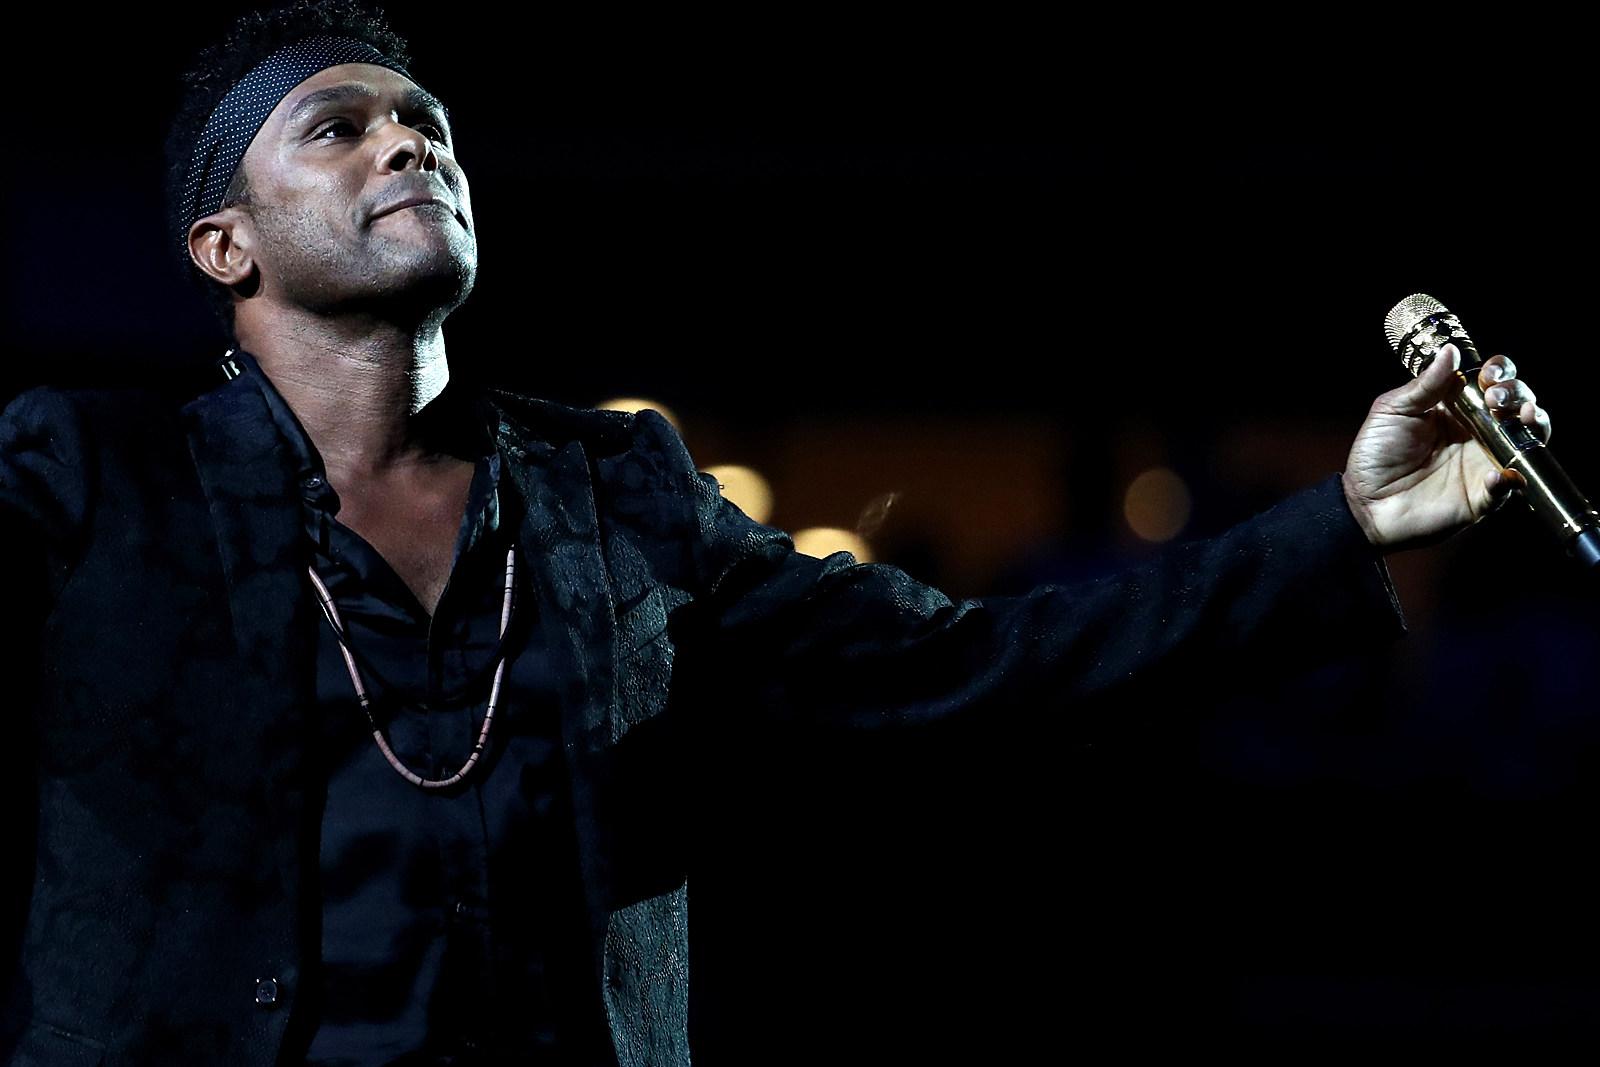 Maxwell on 'Rigorous, Rewarding' 2018 Tour, New Album Plans